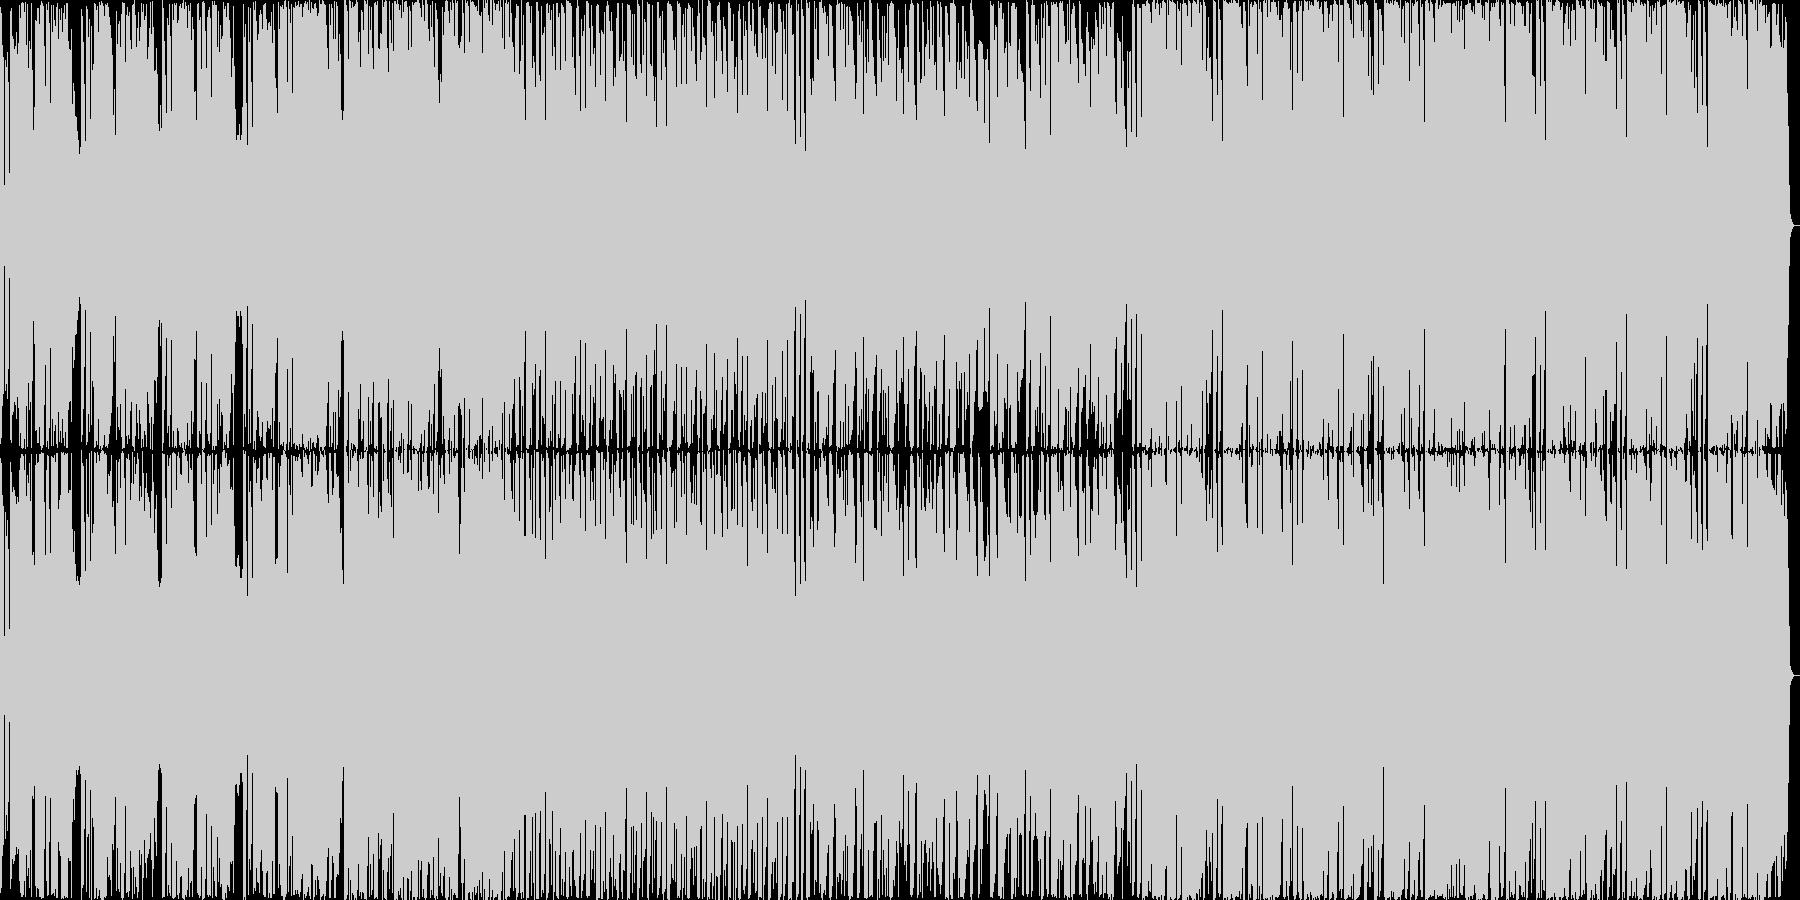 EDMを取り入れたJ-POP風のBGMの未再生の波形